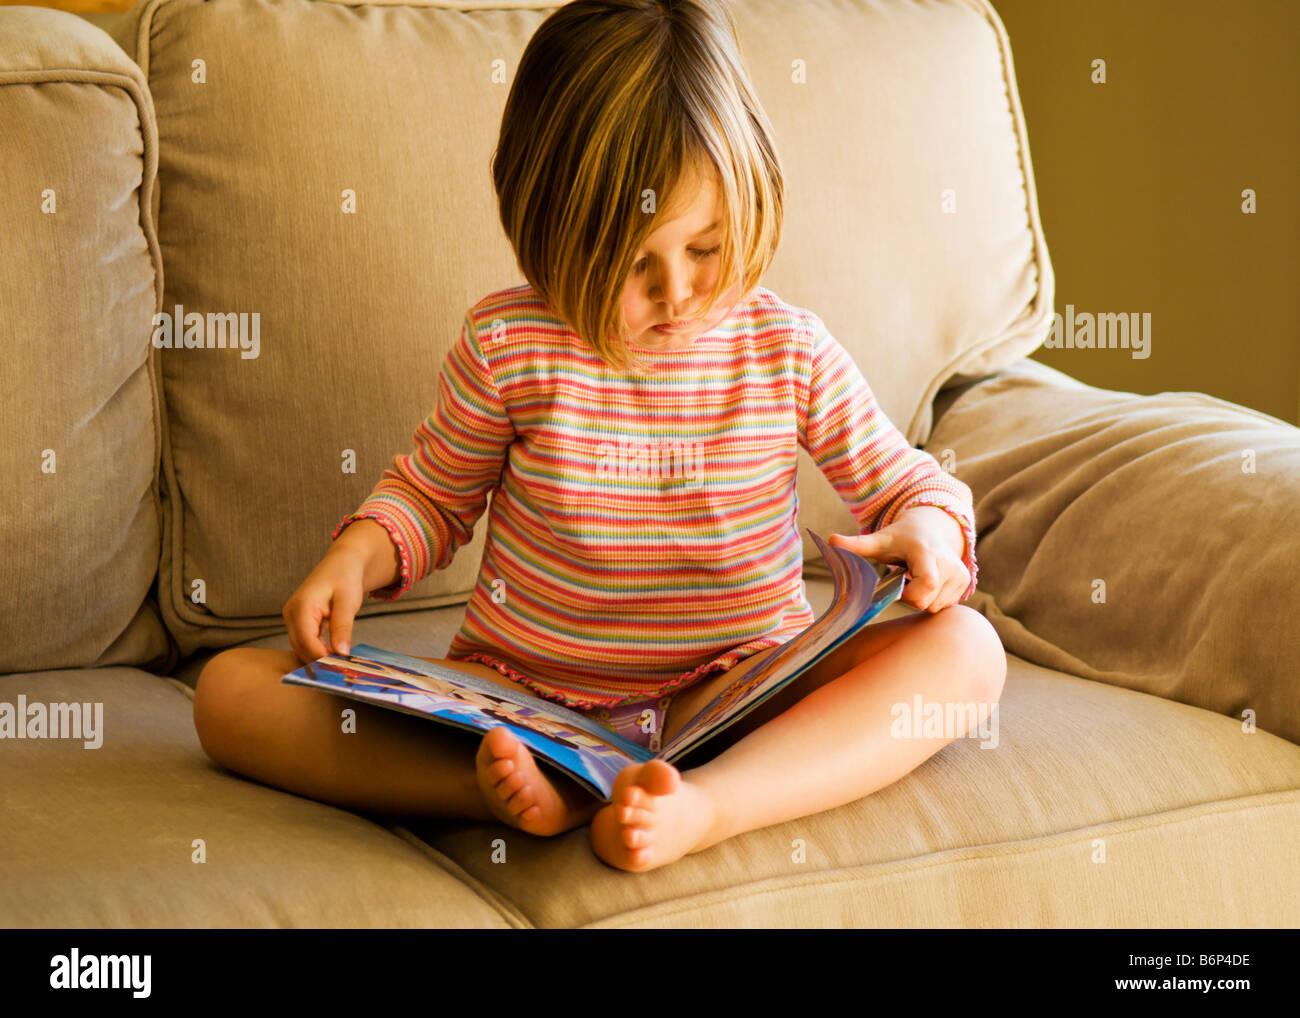 Fille 5 Ans Est Assis Sur Un Canape Confortable Pour Lire